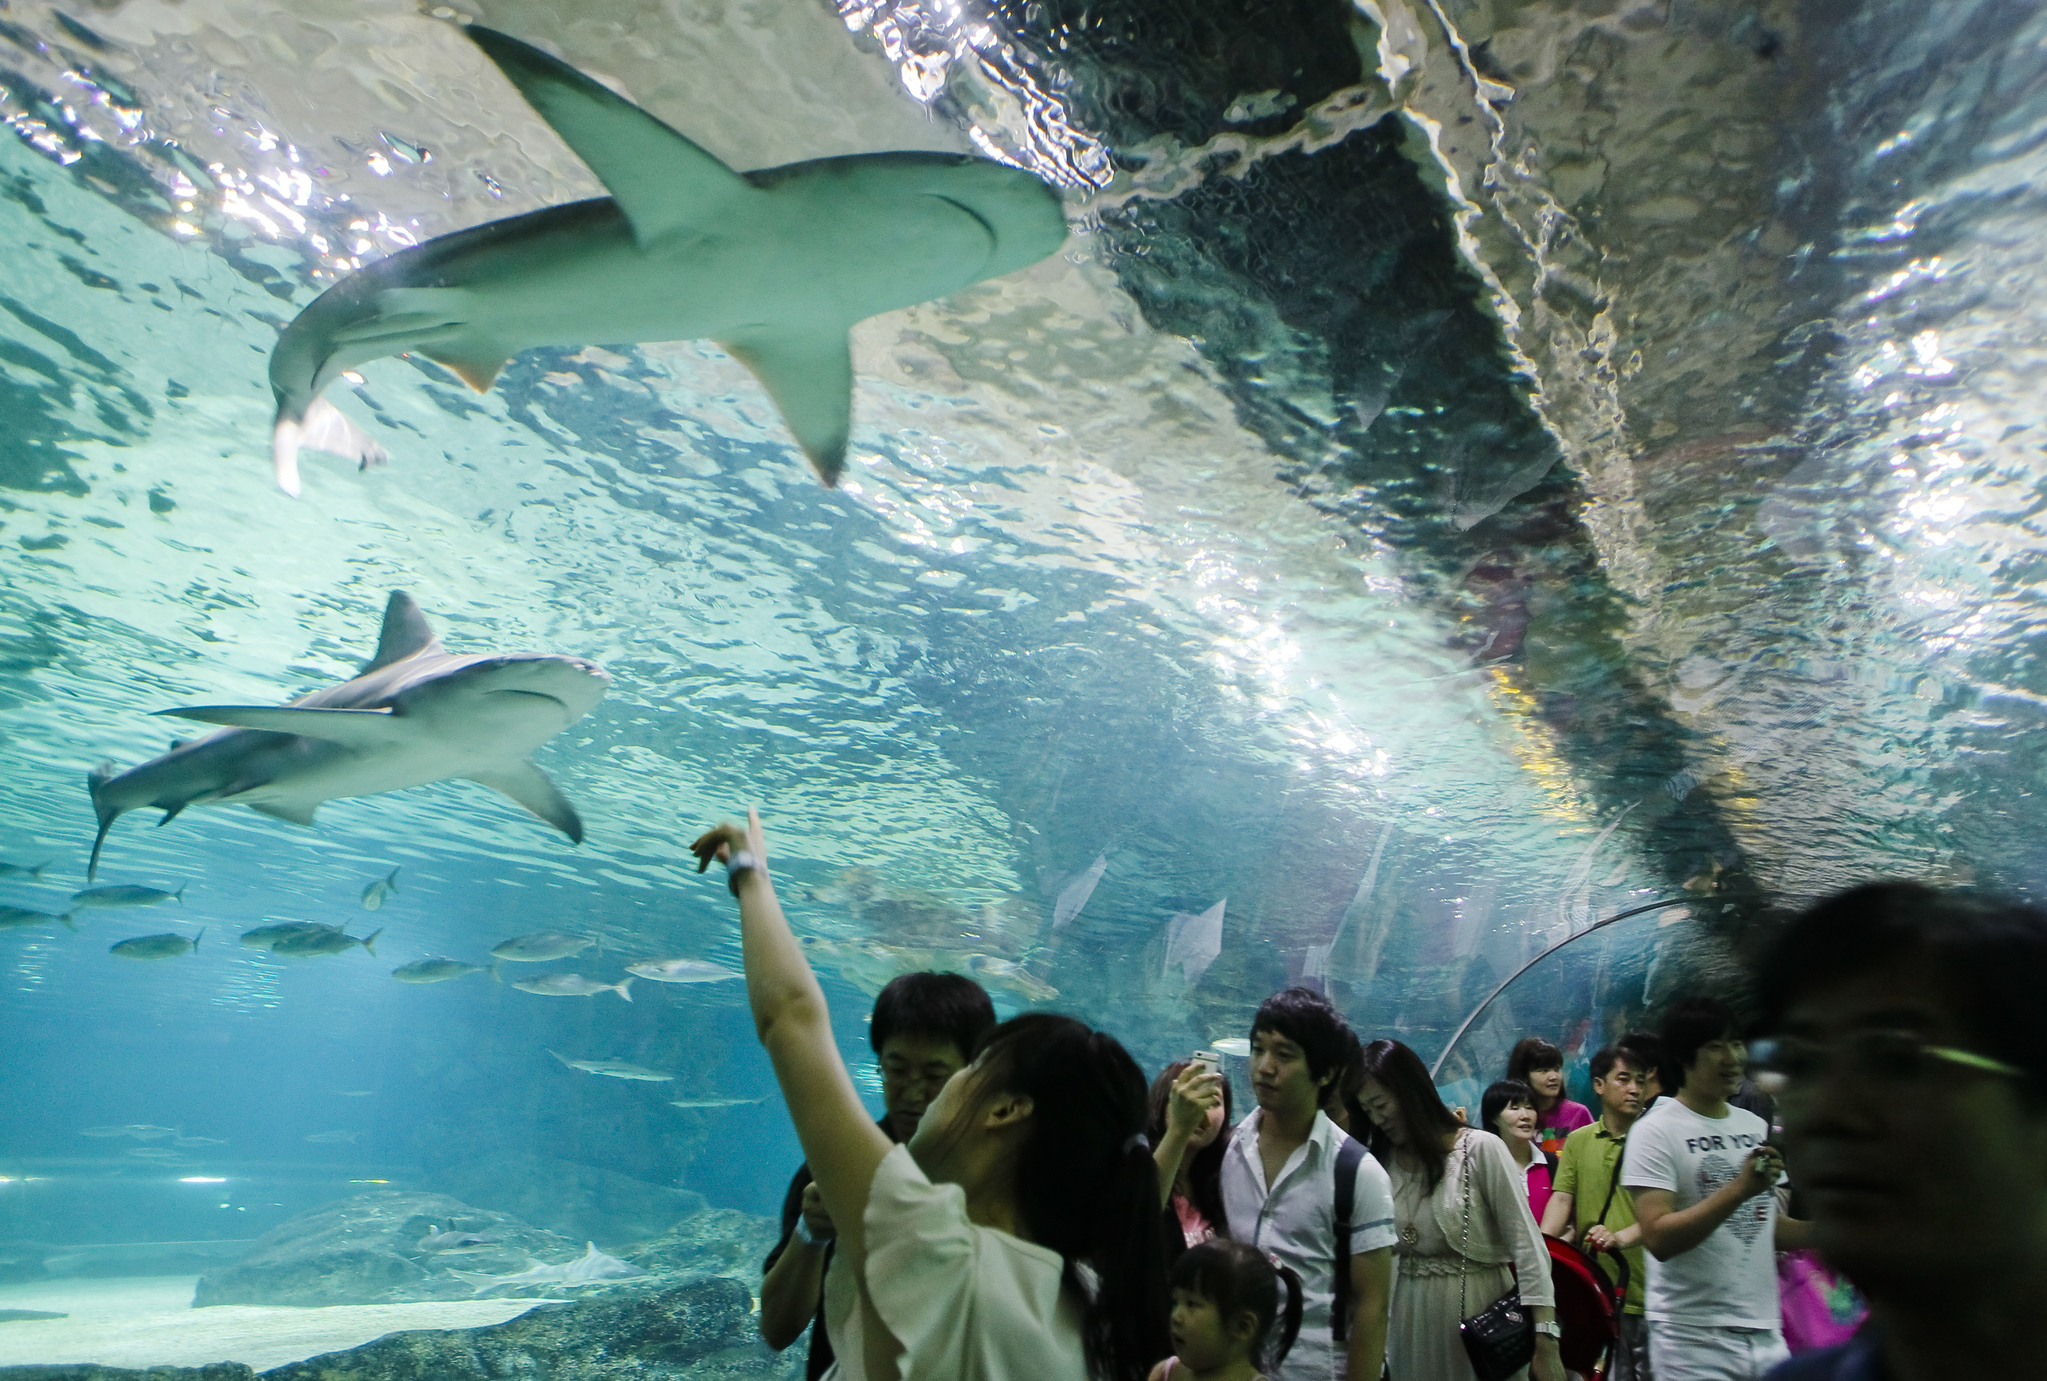 서울 삼성동 코엑스 아쿠아리움에서 상어가 나는 것 처럼 보인다. [중앙포토]